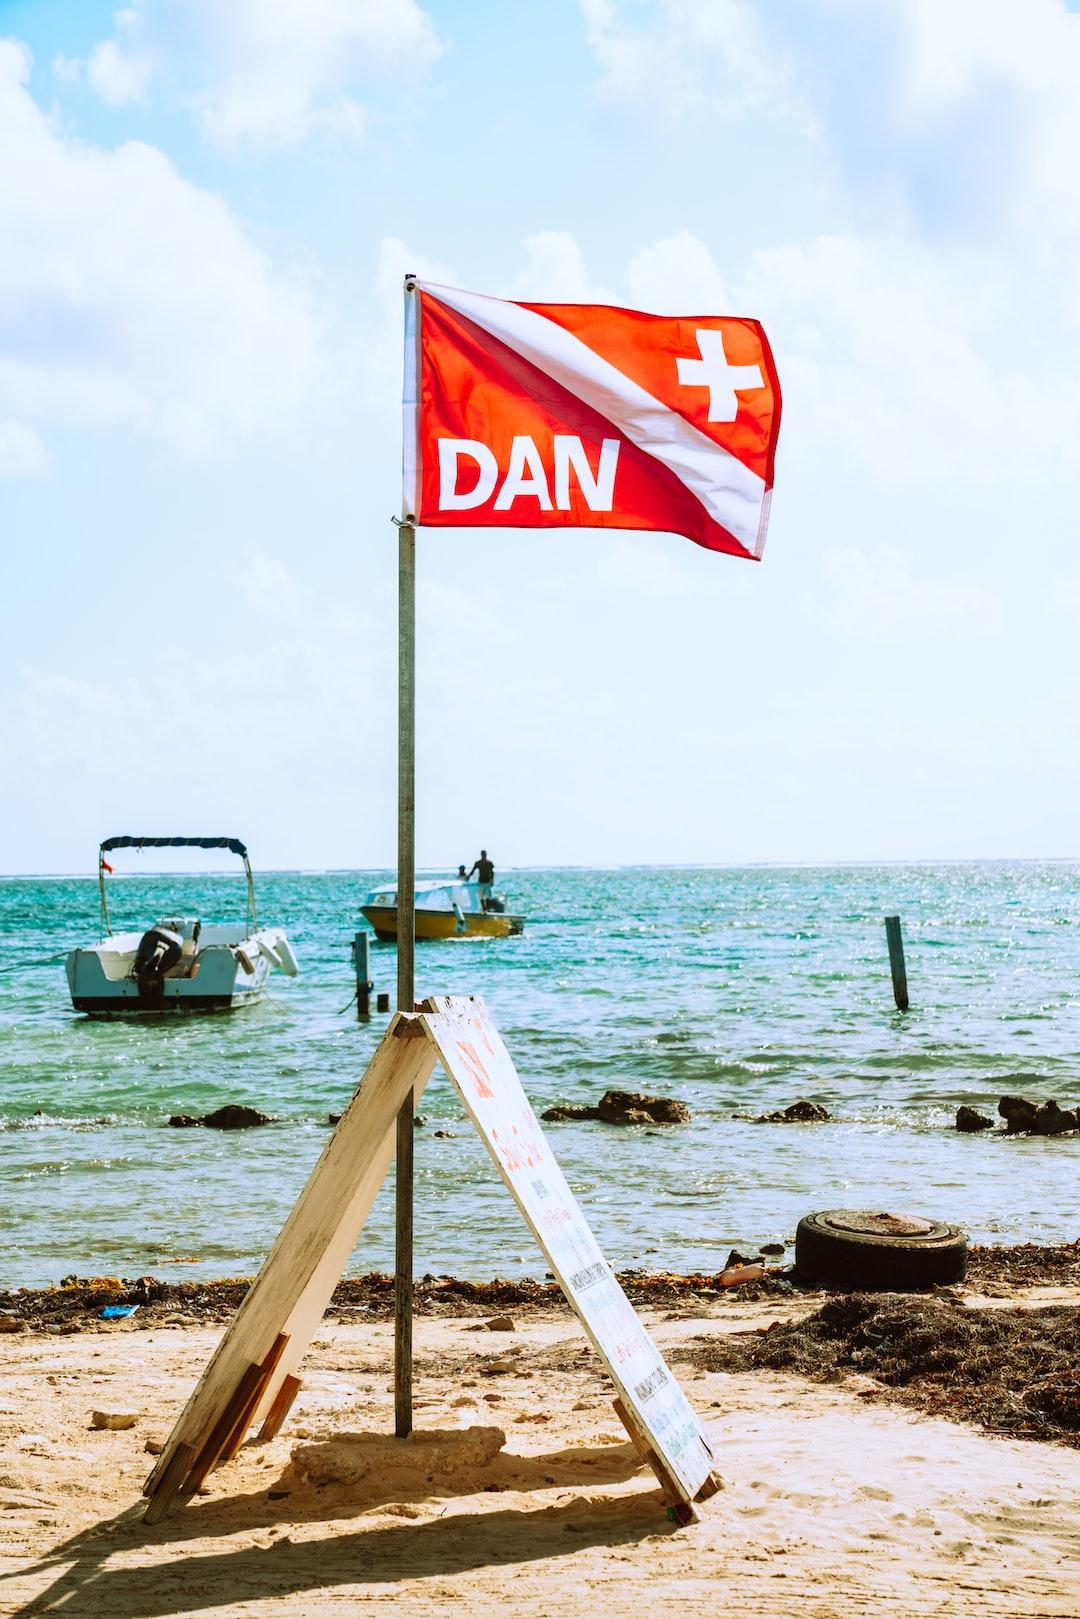 DAN (Divers Alert Network) flag at a local scuba dive shop.